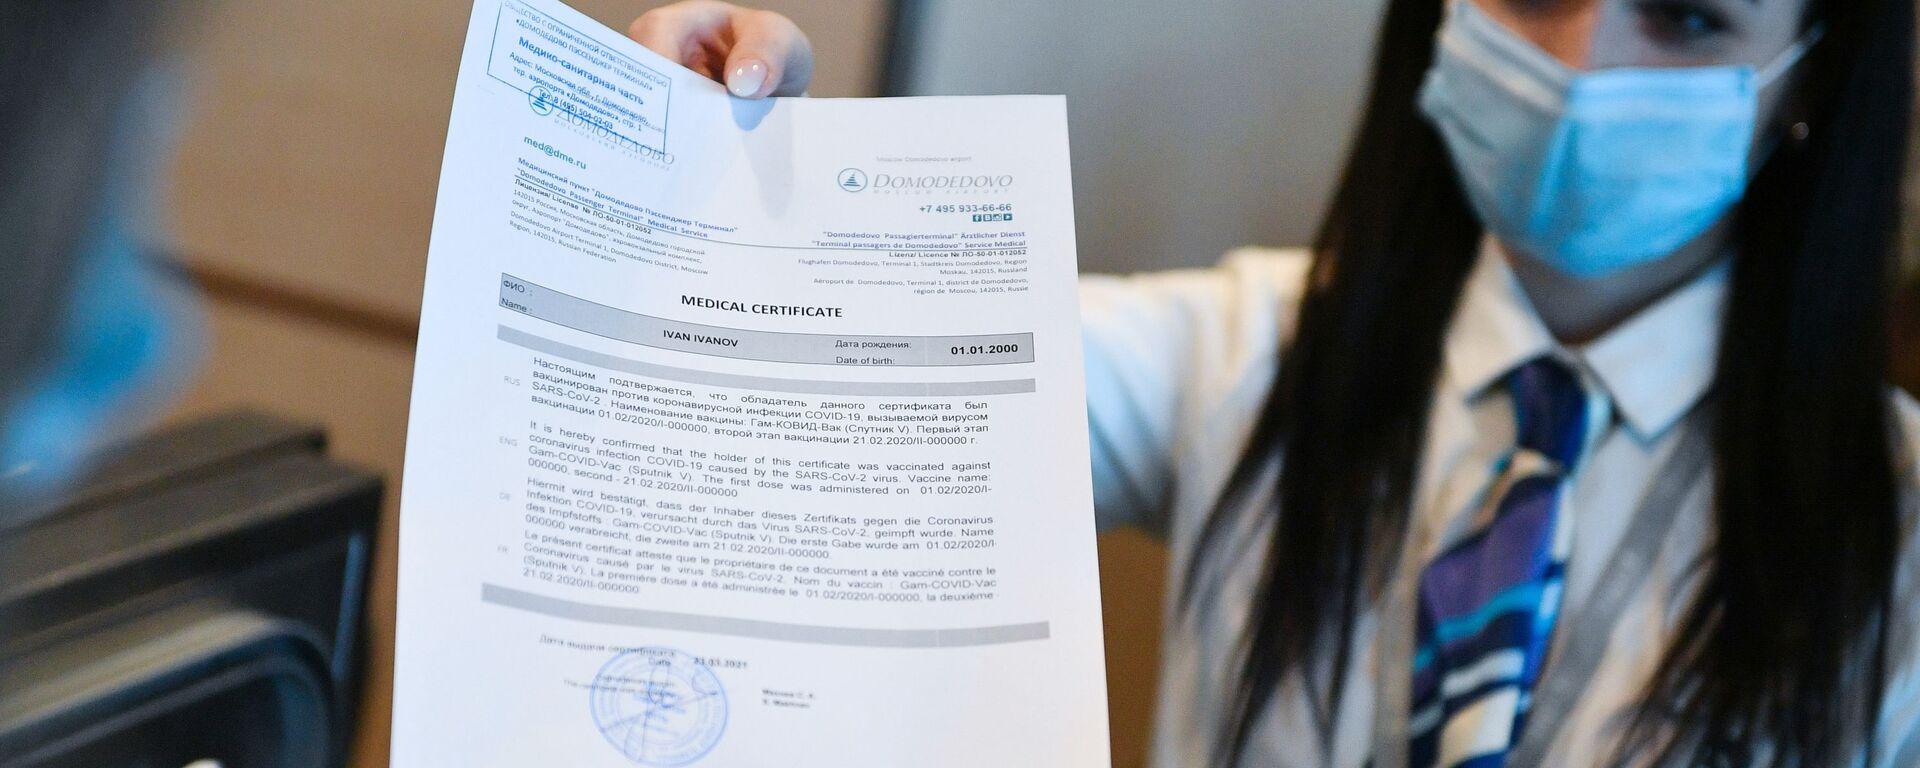 Un'addetta dell'aeroporto di Domodevo consegna ad un passeggero il certificato di vaccinazione in inglese  - Sputnik Italia, 1920, 06.04.2021